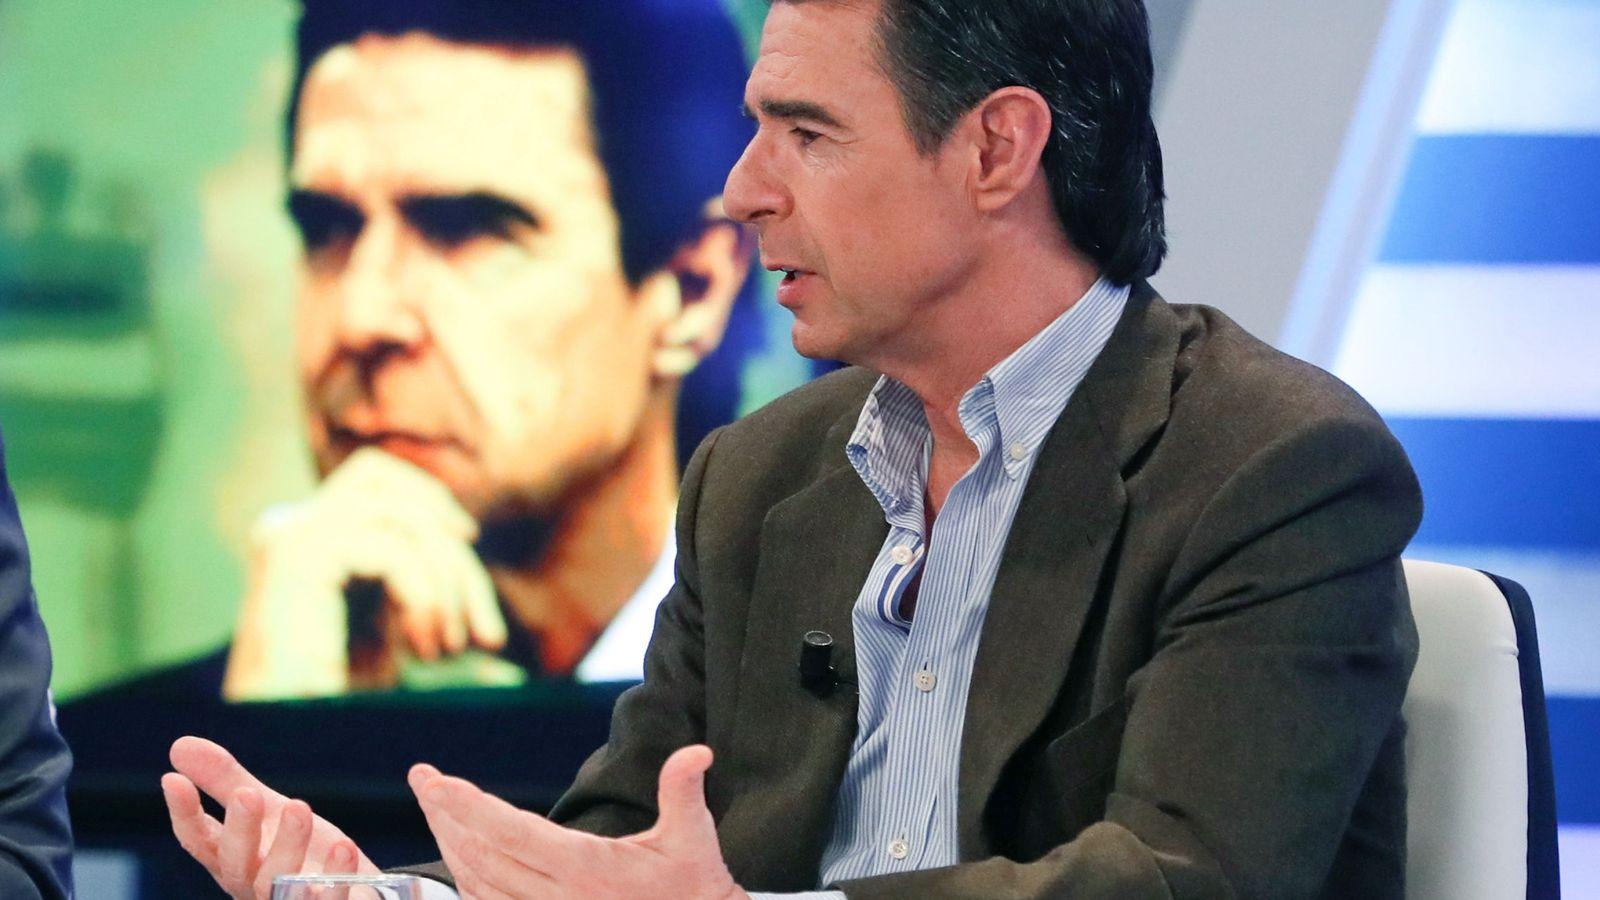 Foto: El exministro de Industria, Energía y Turismo, José Manuel Soria, en un programa de televisión. (EFE)